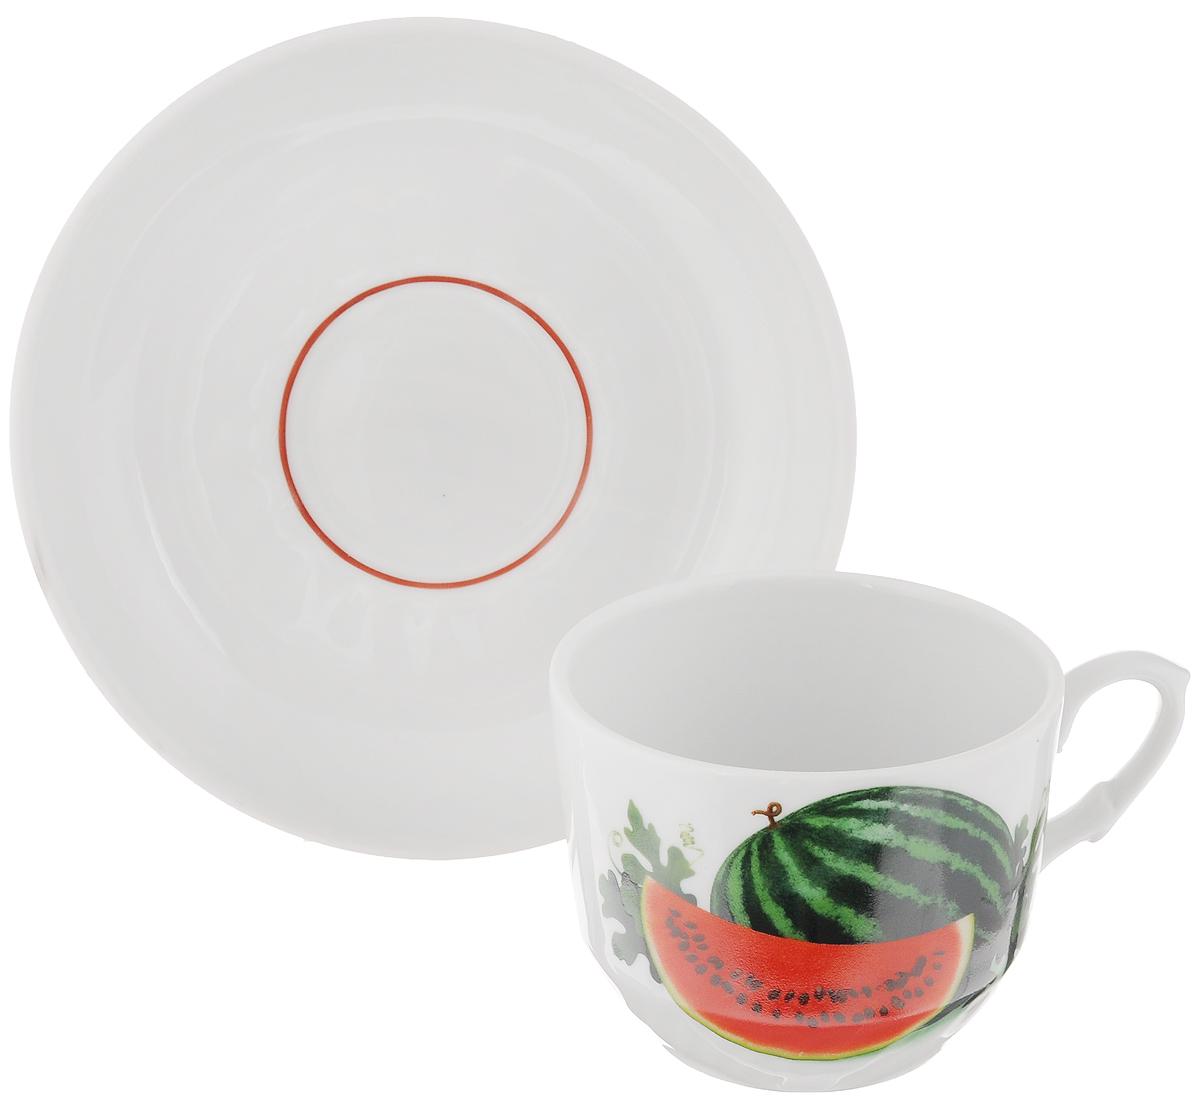 Чайная пара Кирмаш. Арбуз, 2 предмета1303800_арбузЧайная пара Кирмаш. Арбуз состоит из чашки и блюдца, изготовленных из высококачественного фарфора. Оригинальный дизайн, несомненно, придется вам по вкусу. Чайная пара Кирмаш. Арбуз украсит ваш кухонный стол, а также станет замечательным подарком к любому празднику. Диаметр чашки (по верхнему краю): 8,5 см. Высота чашки: 7 см. Диаметр блюдца: 15 см. Высота блюдца: 3 см.